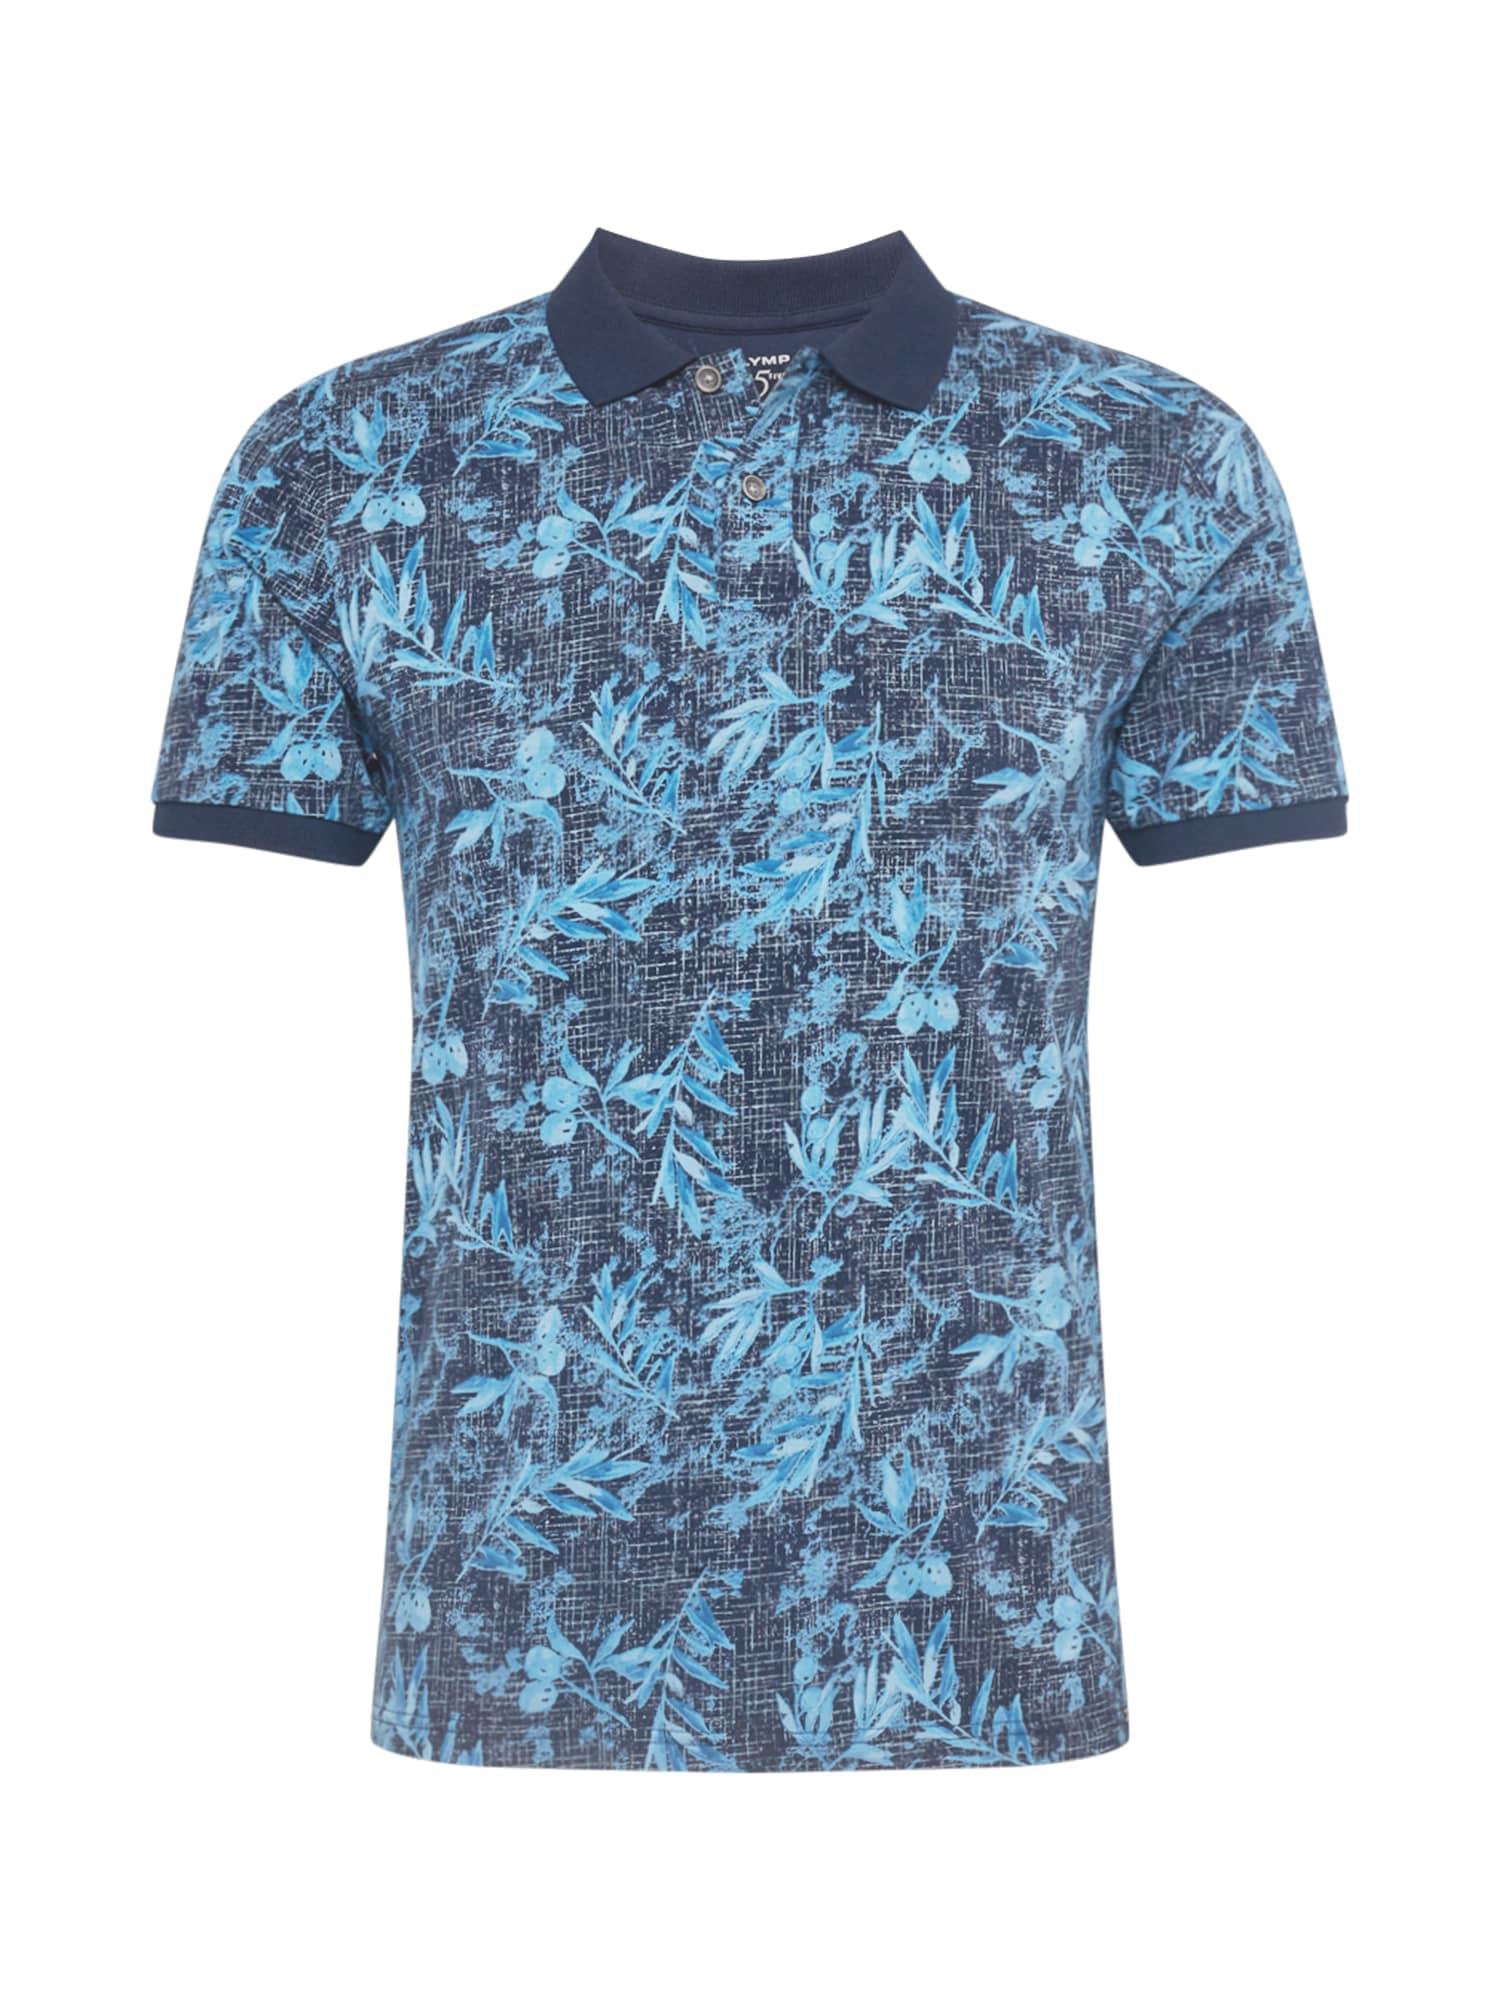 OLYMP Marškinėliai vandens spalva / melsvai pilka / violetinė-mėlyna